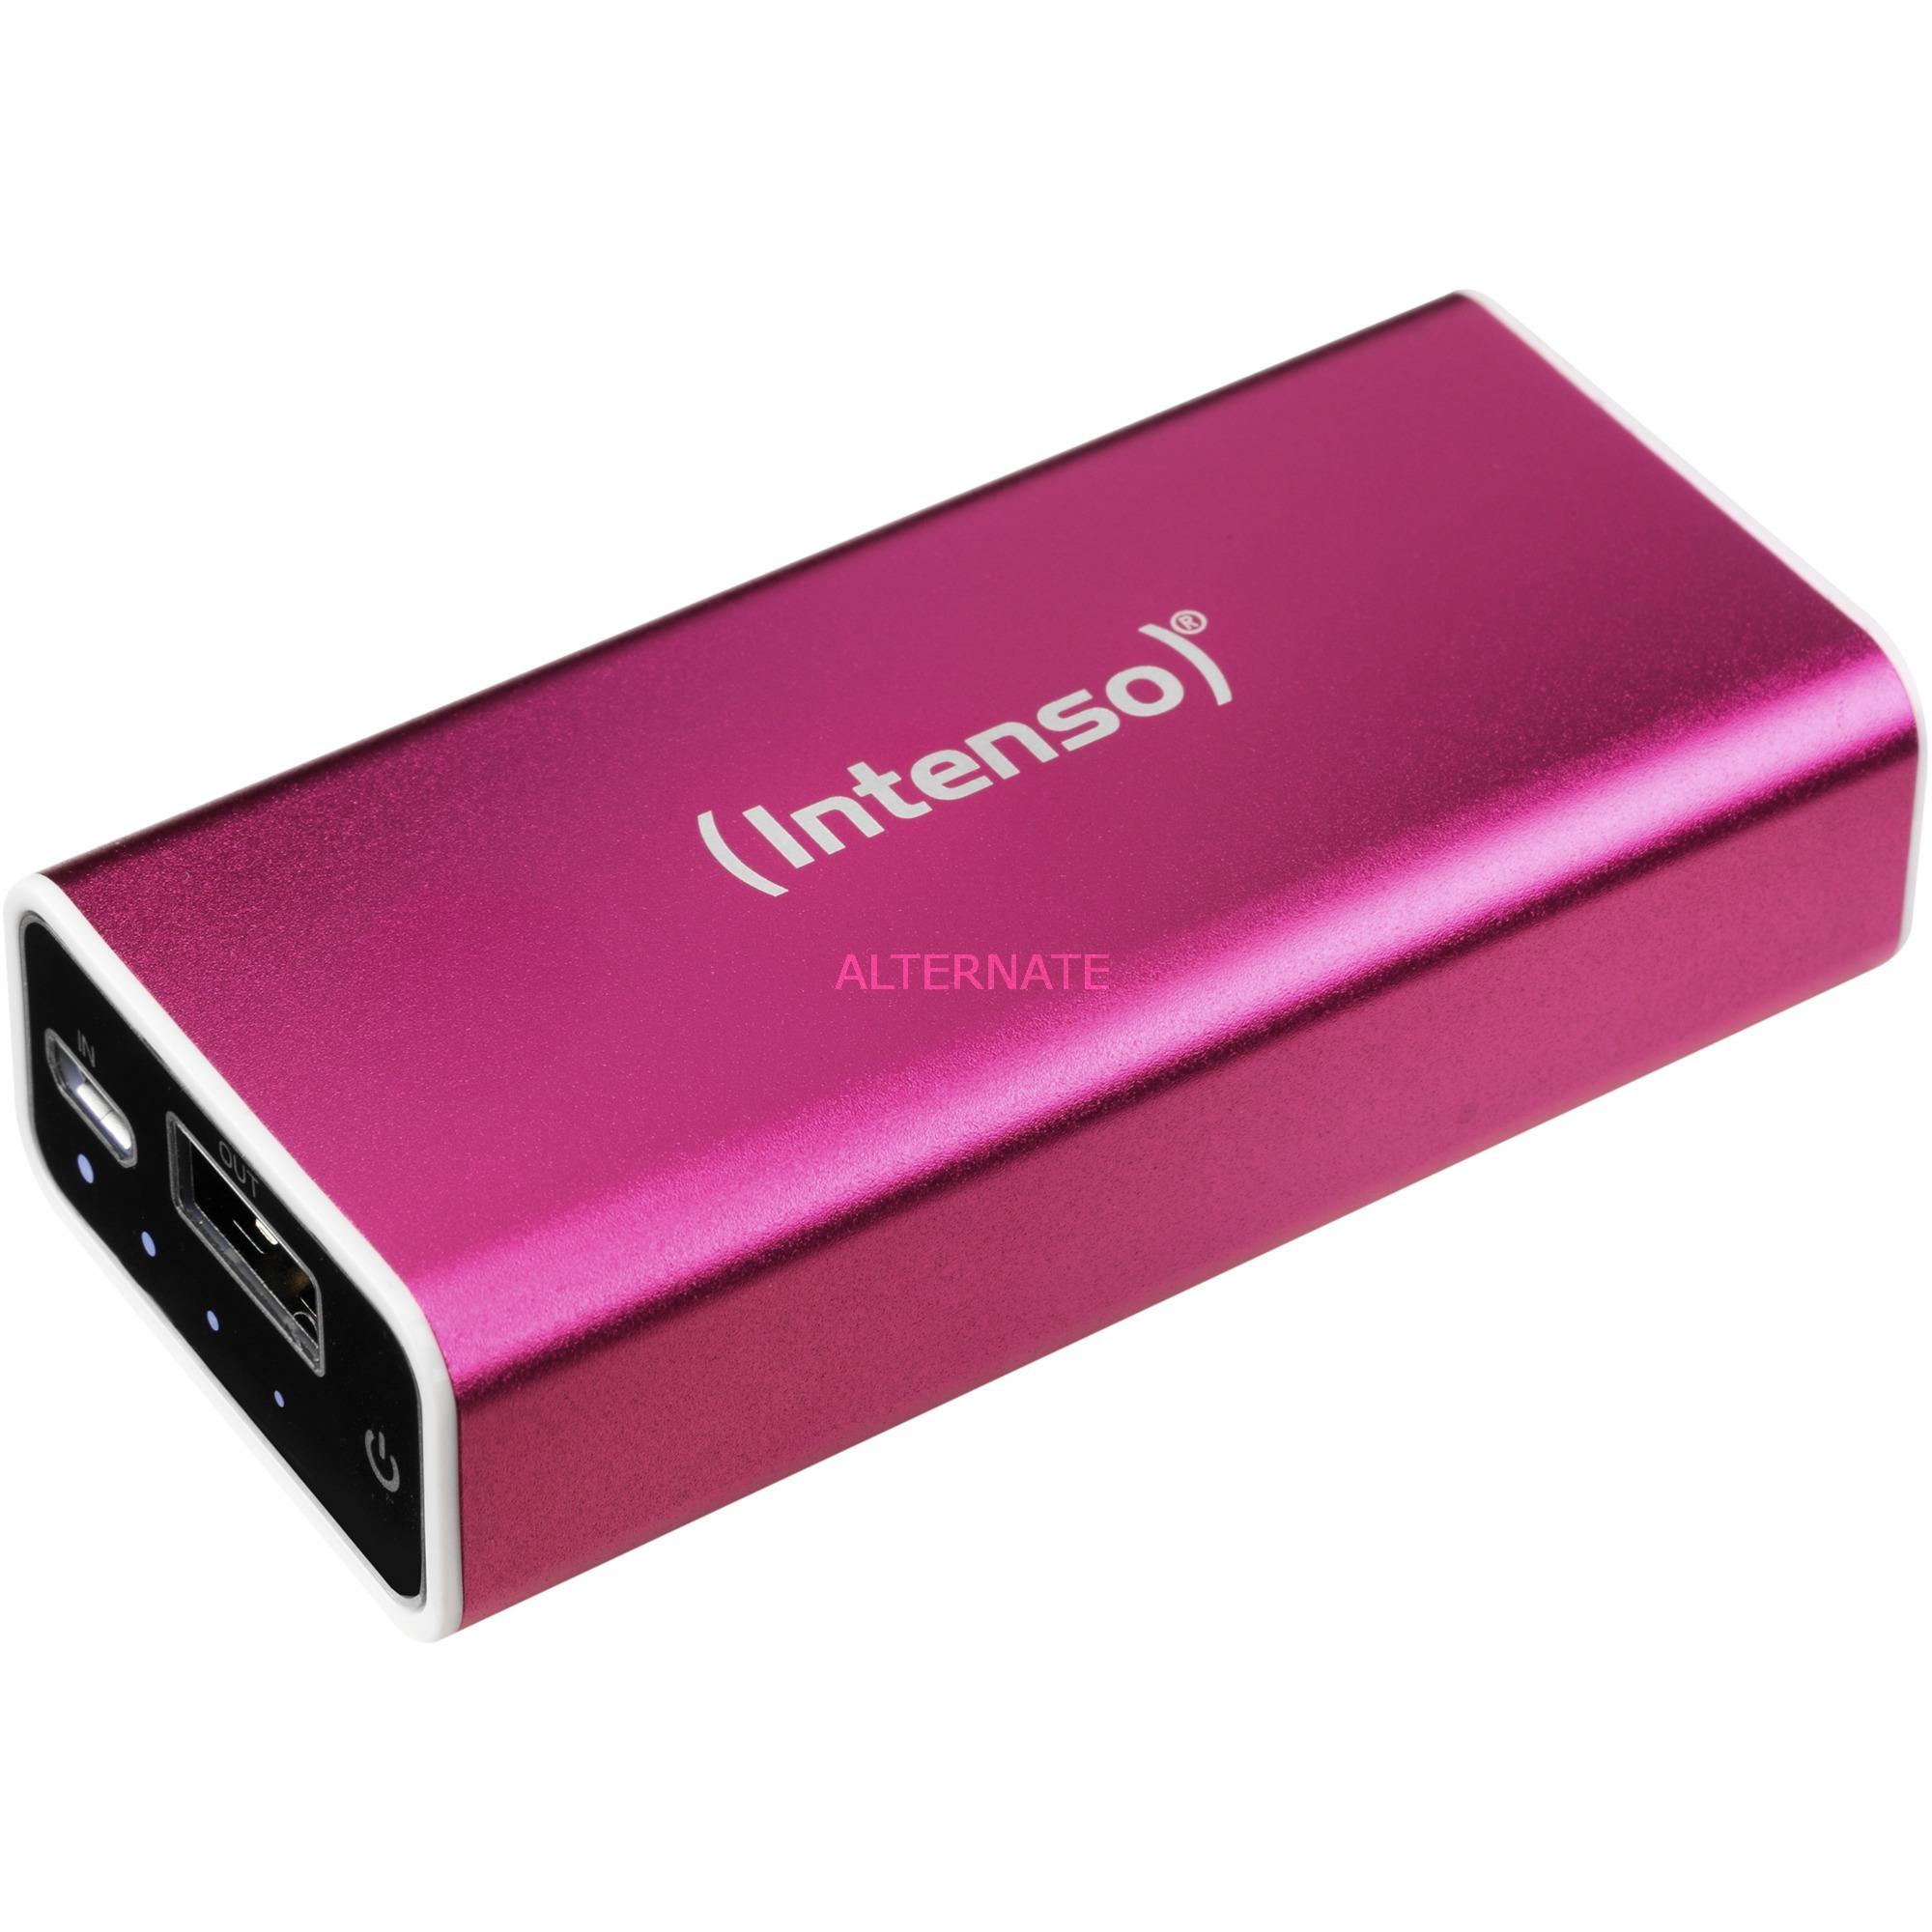 A5200 batería externa Rosa Ión de litio 5200 mAh, Banco de potencia